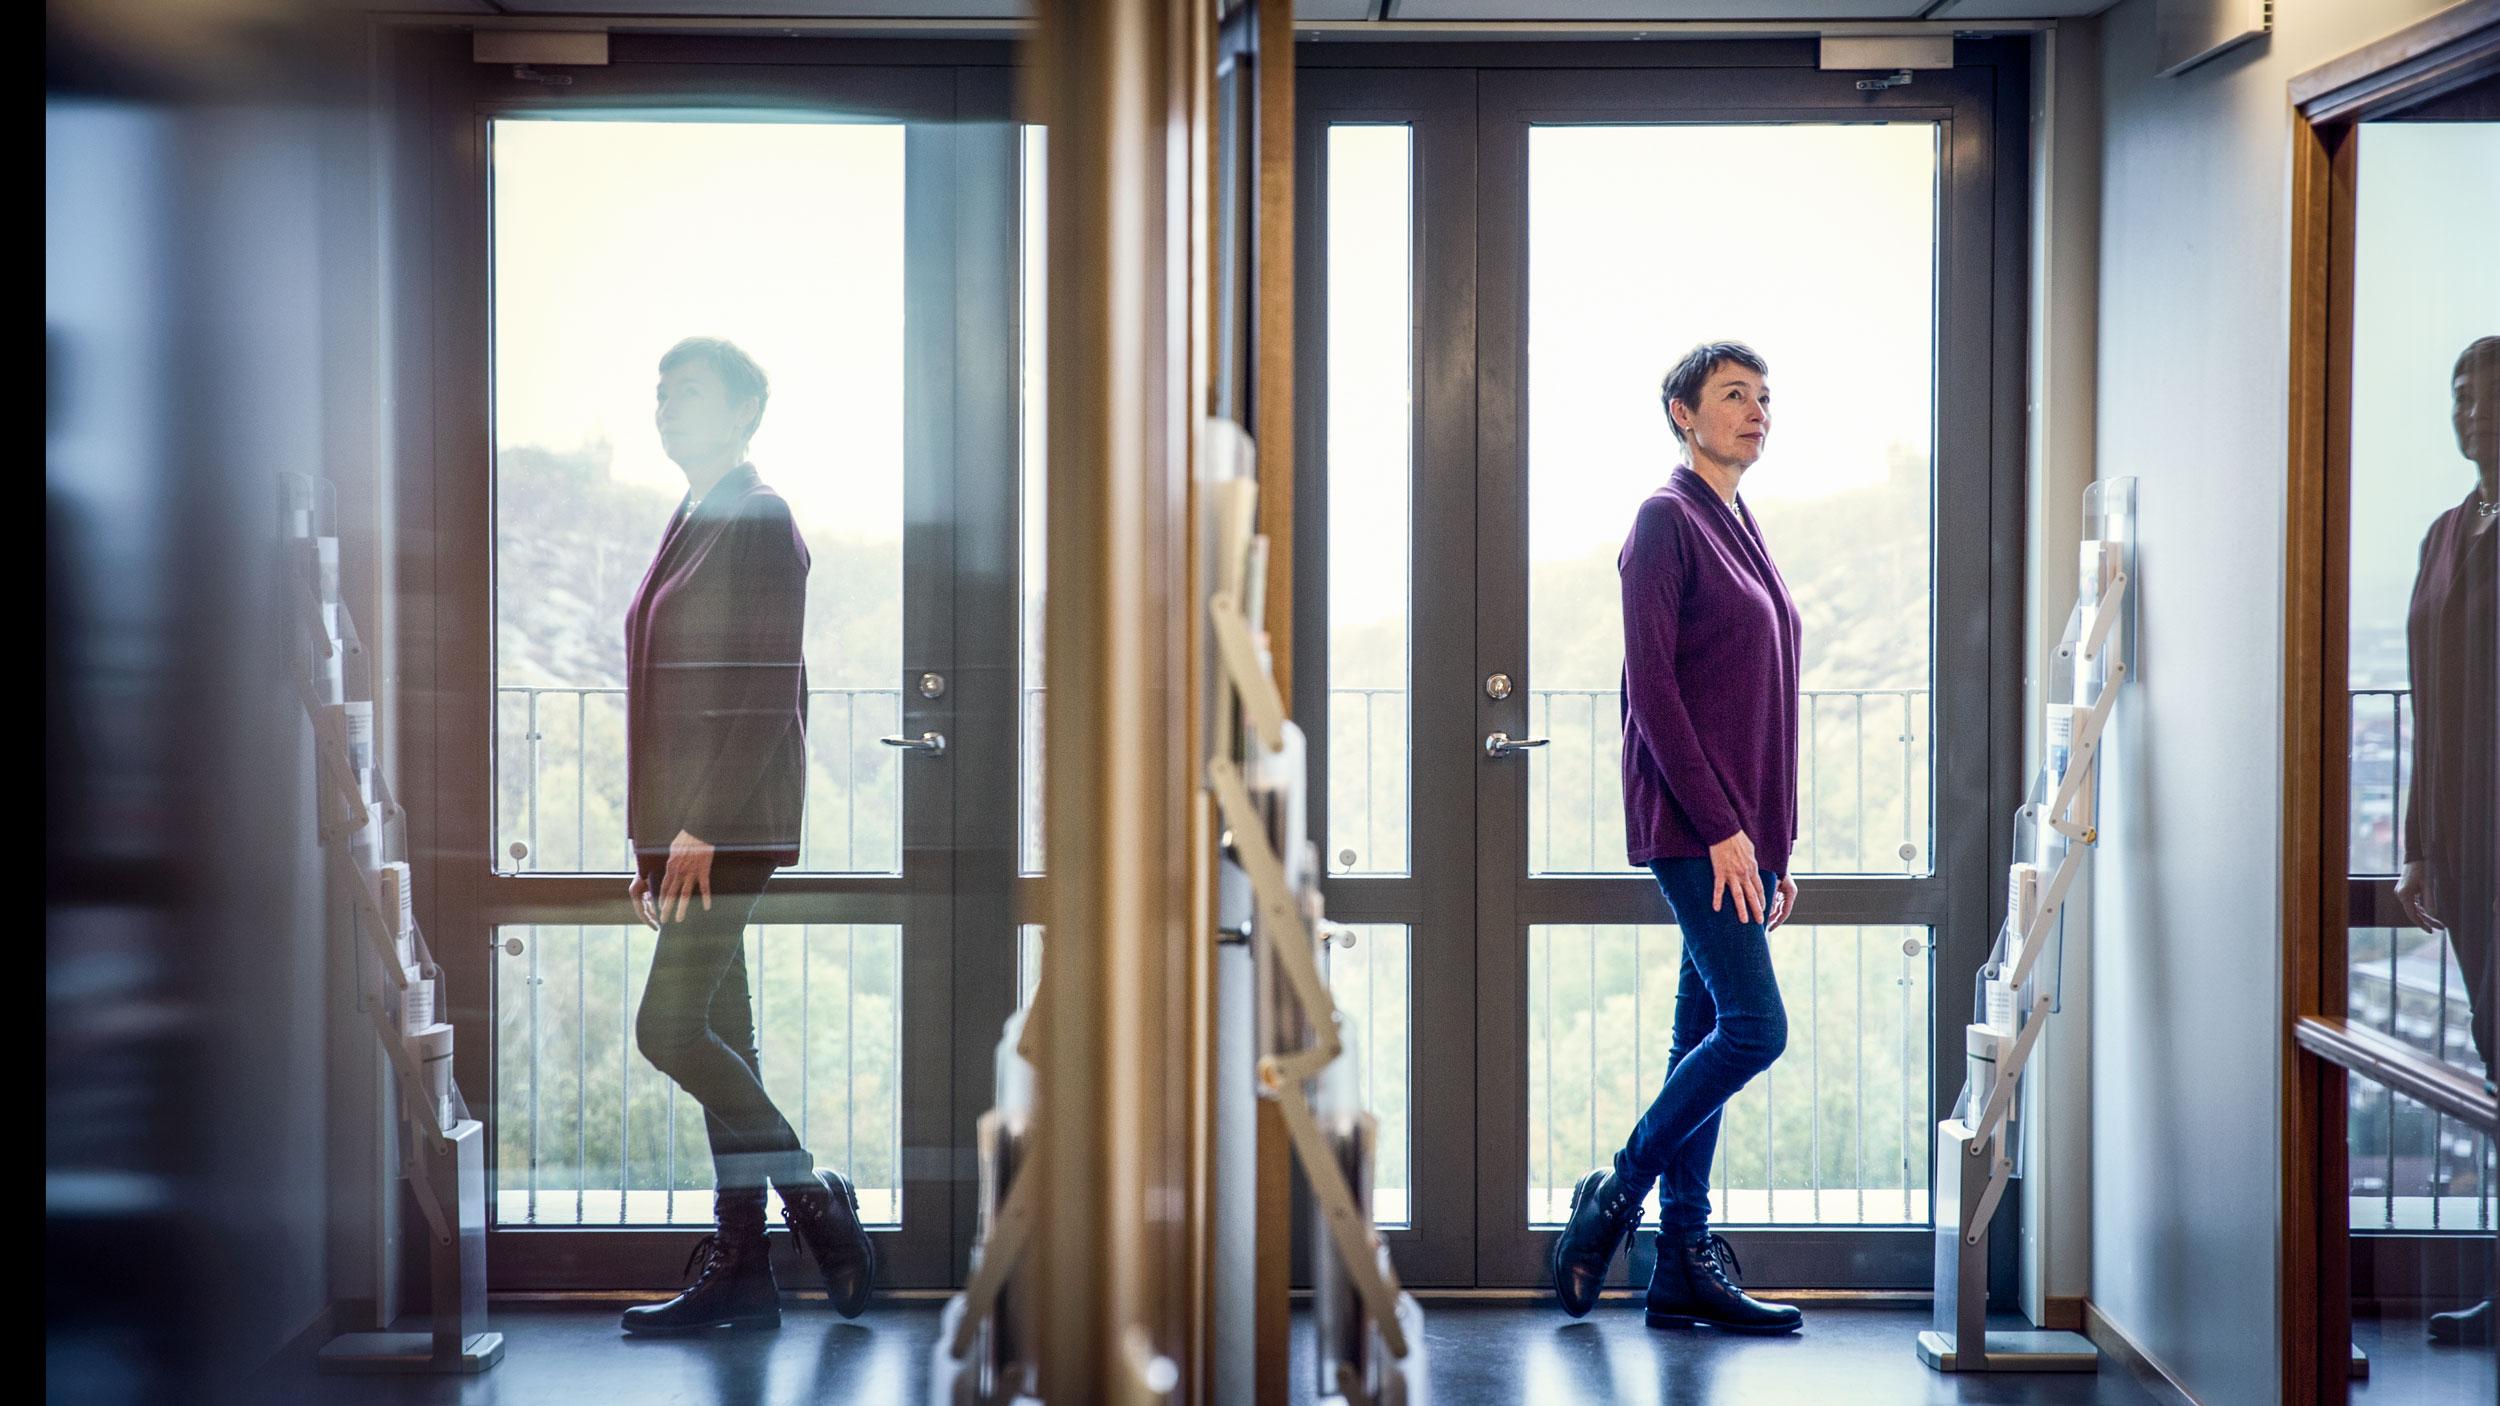 Macela Ewing går genom en korridor